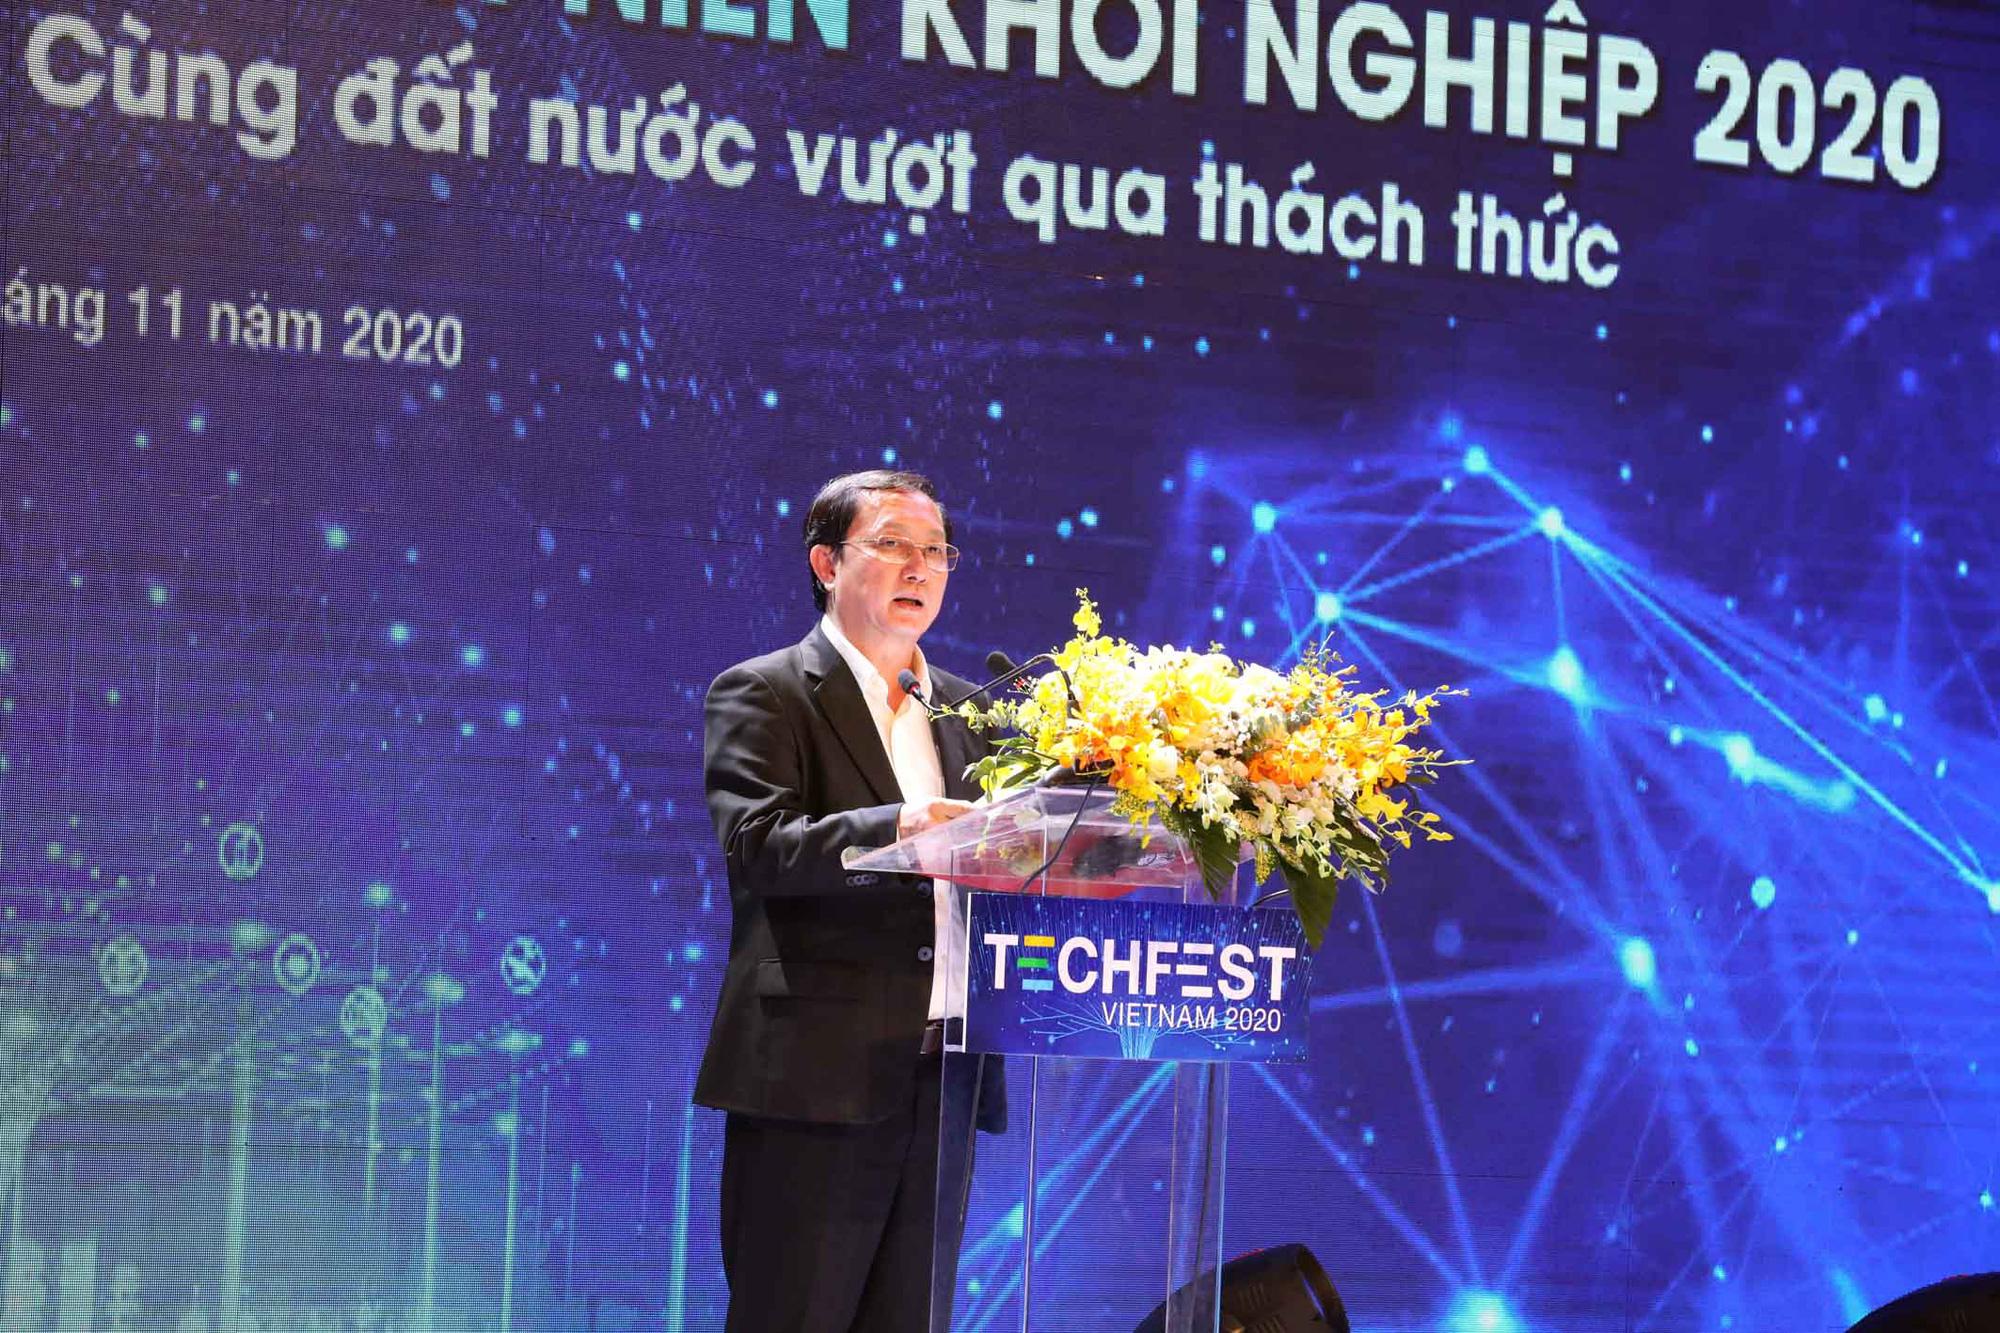 Bộ trưởng KH&CN Huỳnh Thành Đạt: 2 startup Việt Nam được định giá trên 1 tỷ USD - Ảnh 1.